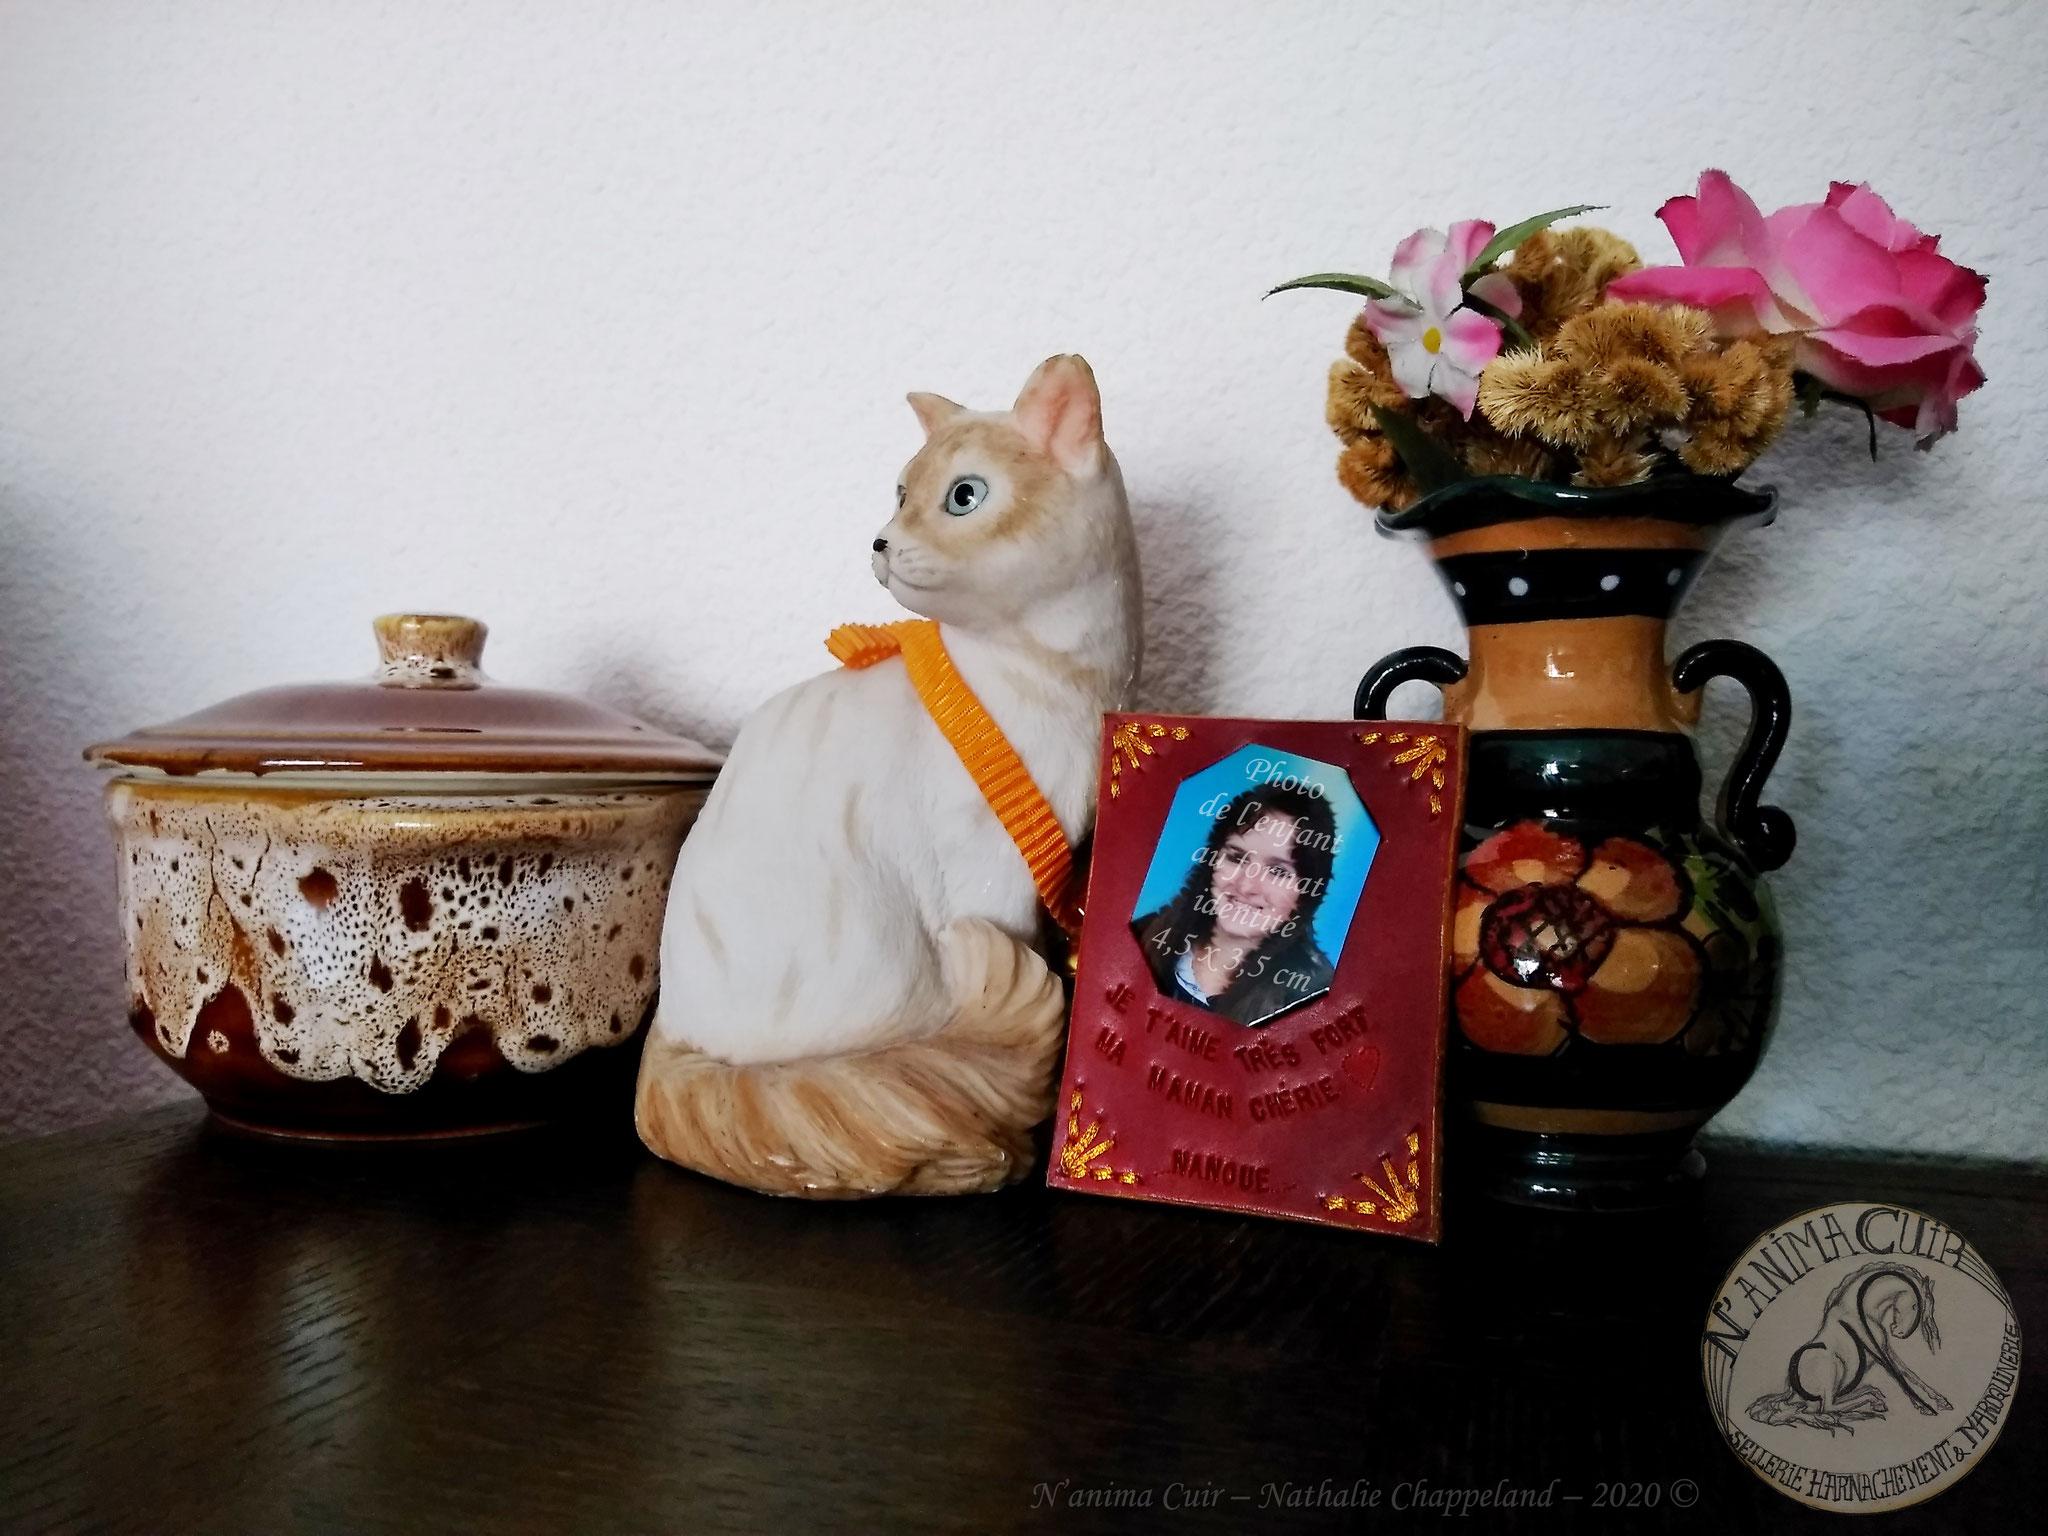 """support/encadrement cuir photo """"format identité"""" personnalisé - fête des mères / grand-mères - N'anima Cuir2020 ©"""